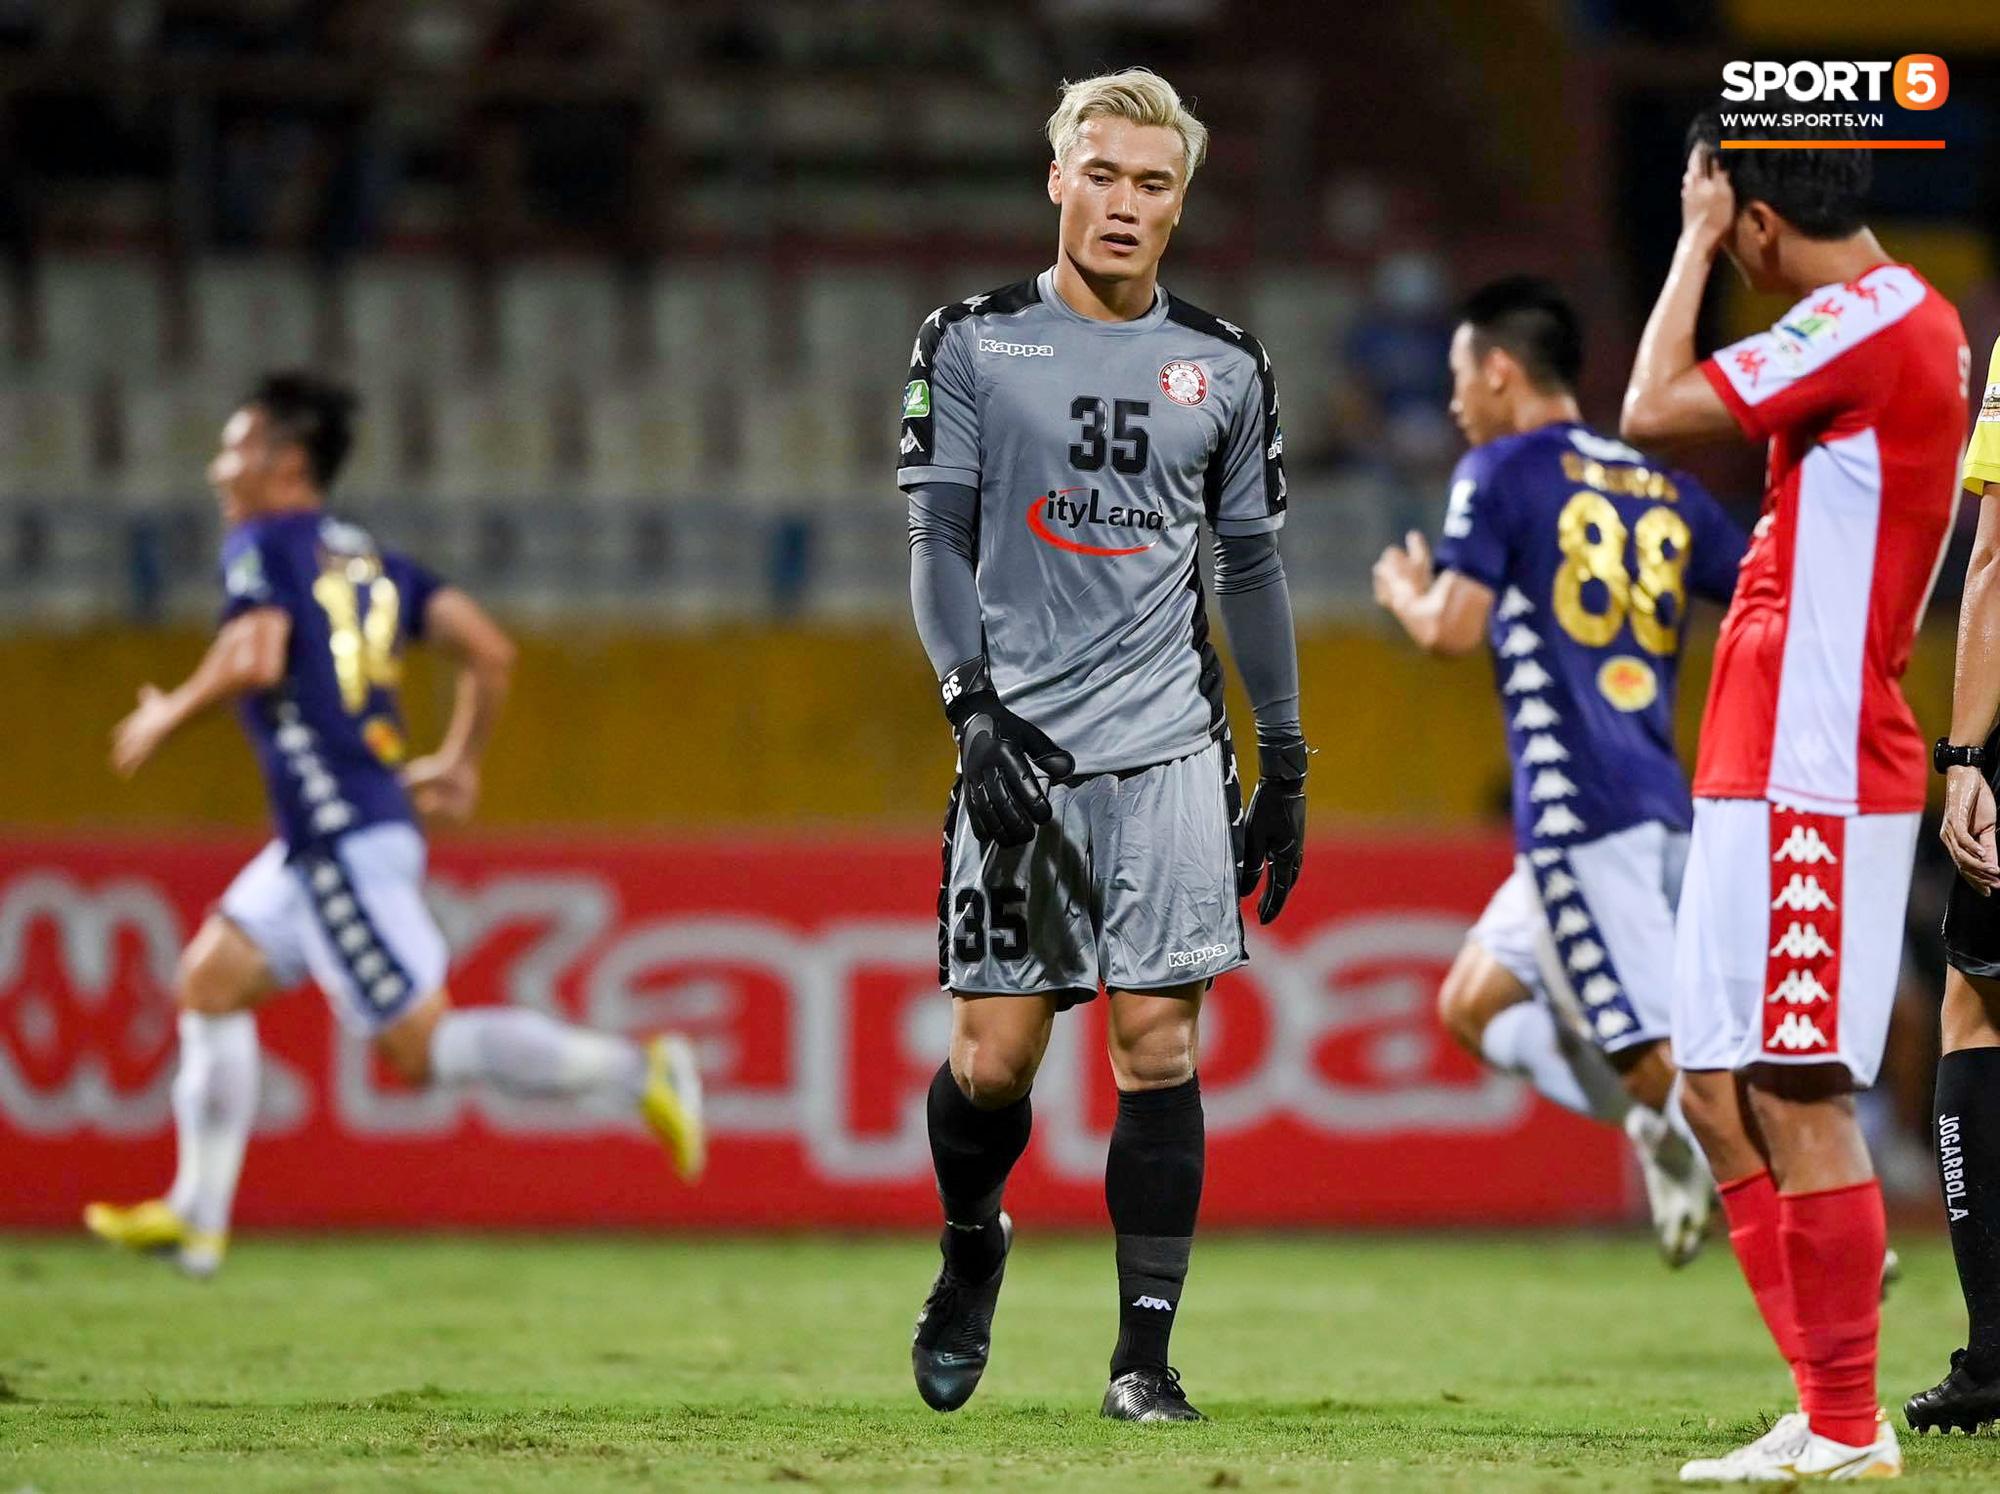 Bùi Tiến Dũng xử lý khiến cầu thủ Hà Nội FC tẽn tò nhưng không che lấp nổi ngày thảm hoạ - Ảnh 7.